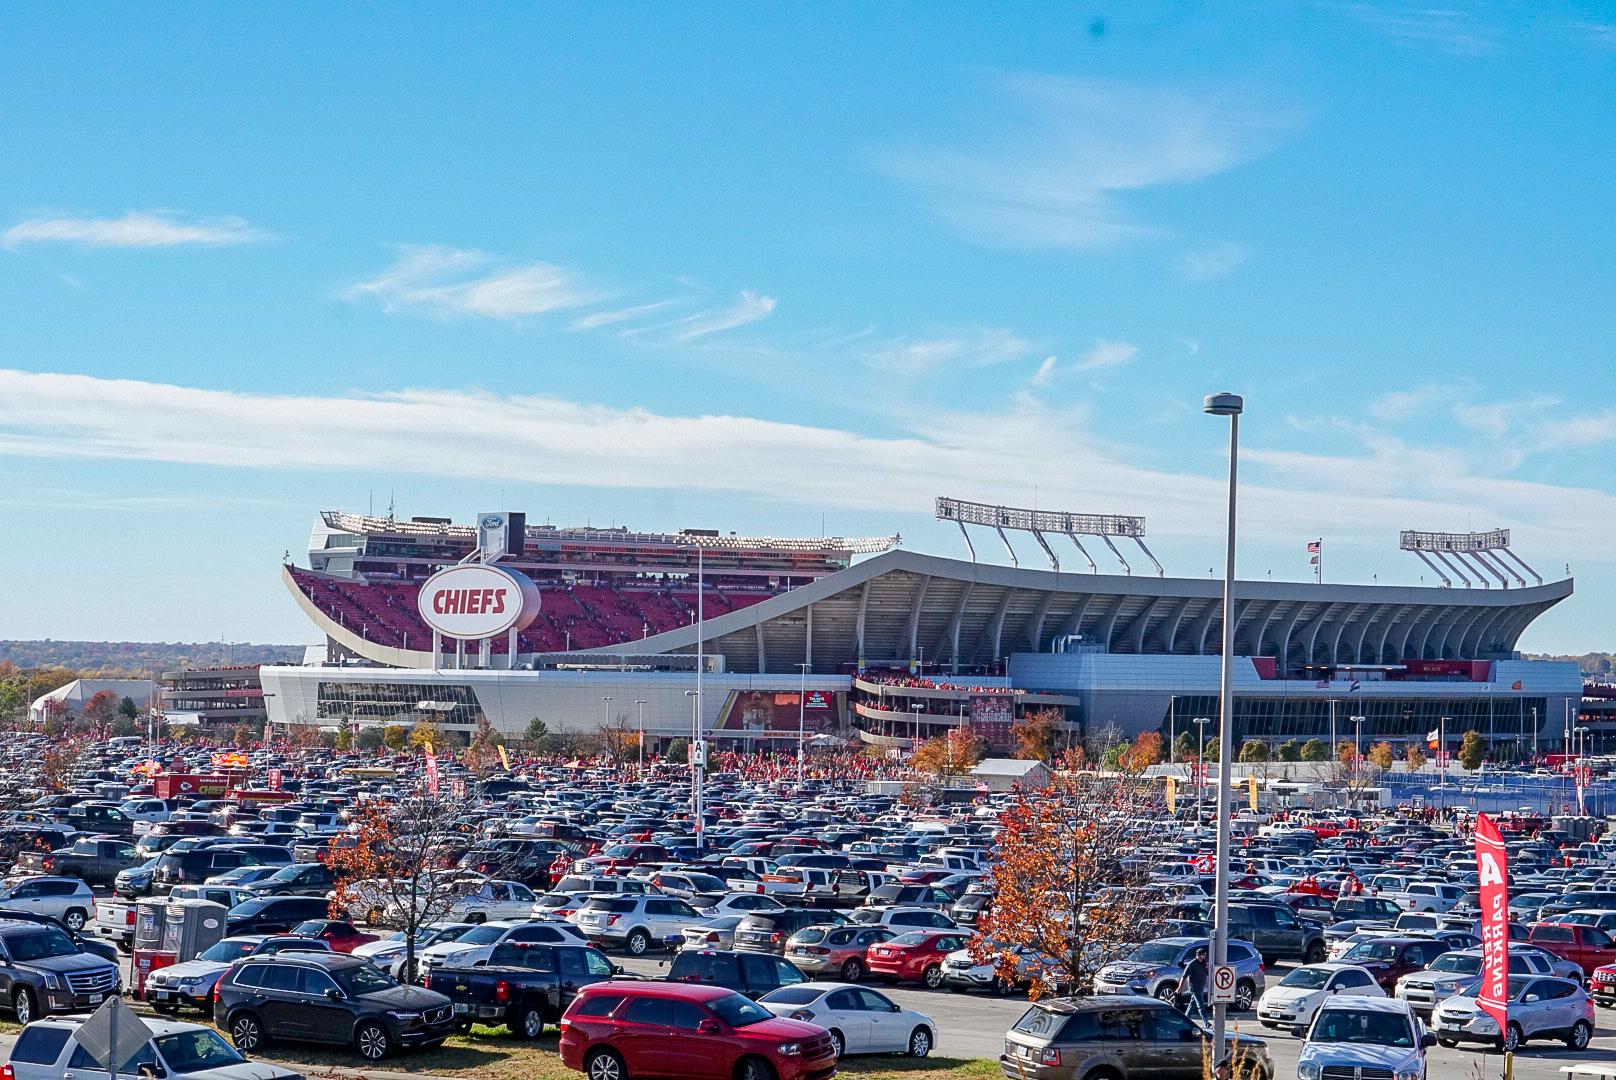 Kansas City Chiefs: Tailgating at Arrowhead Stadium